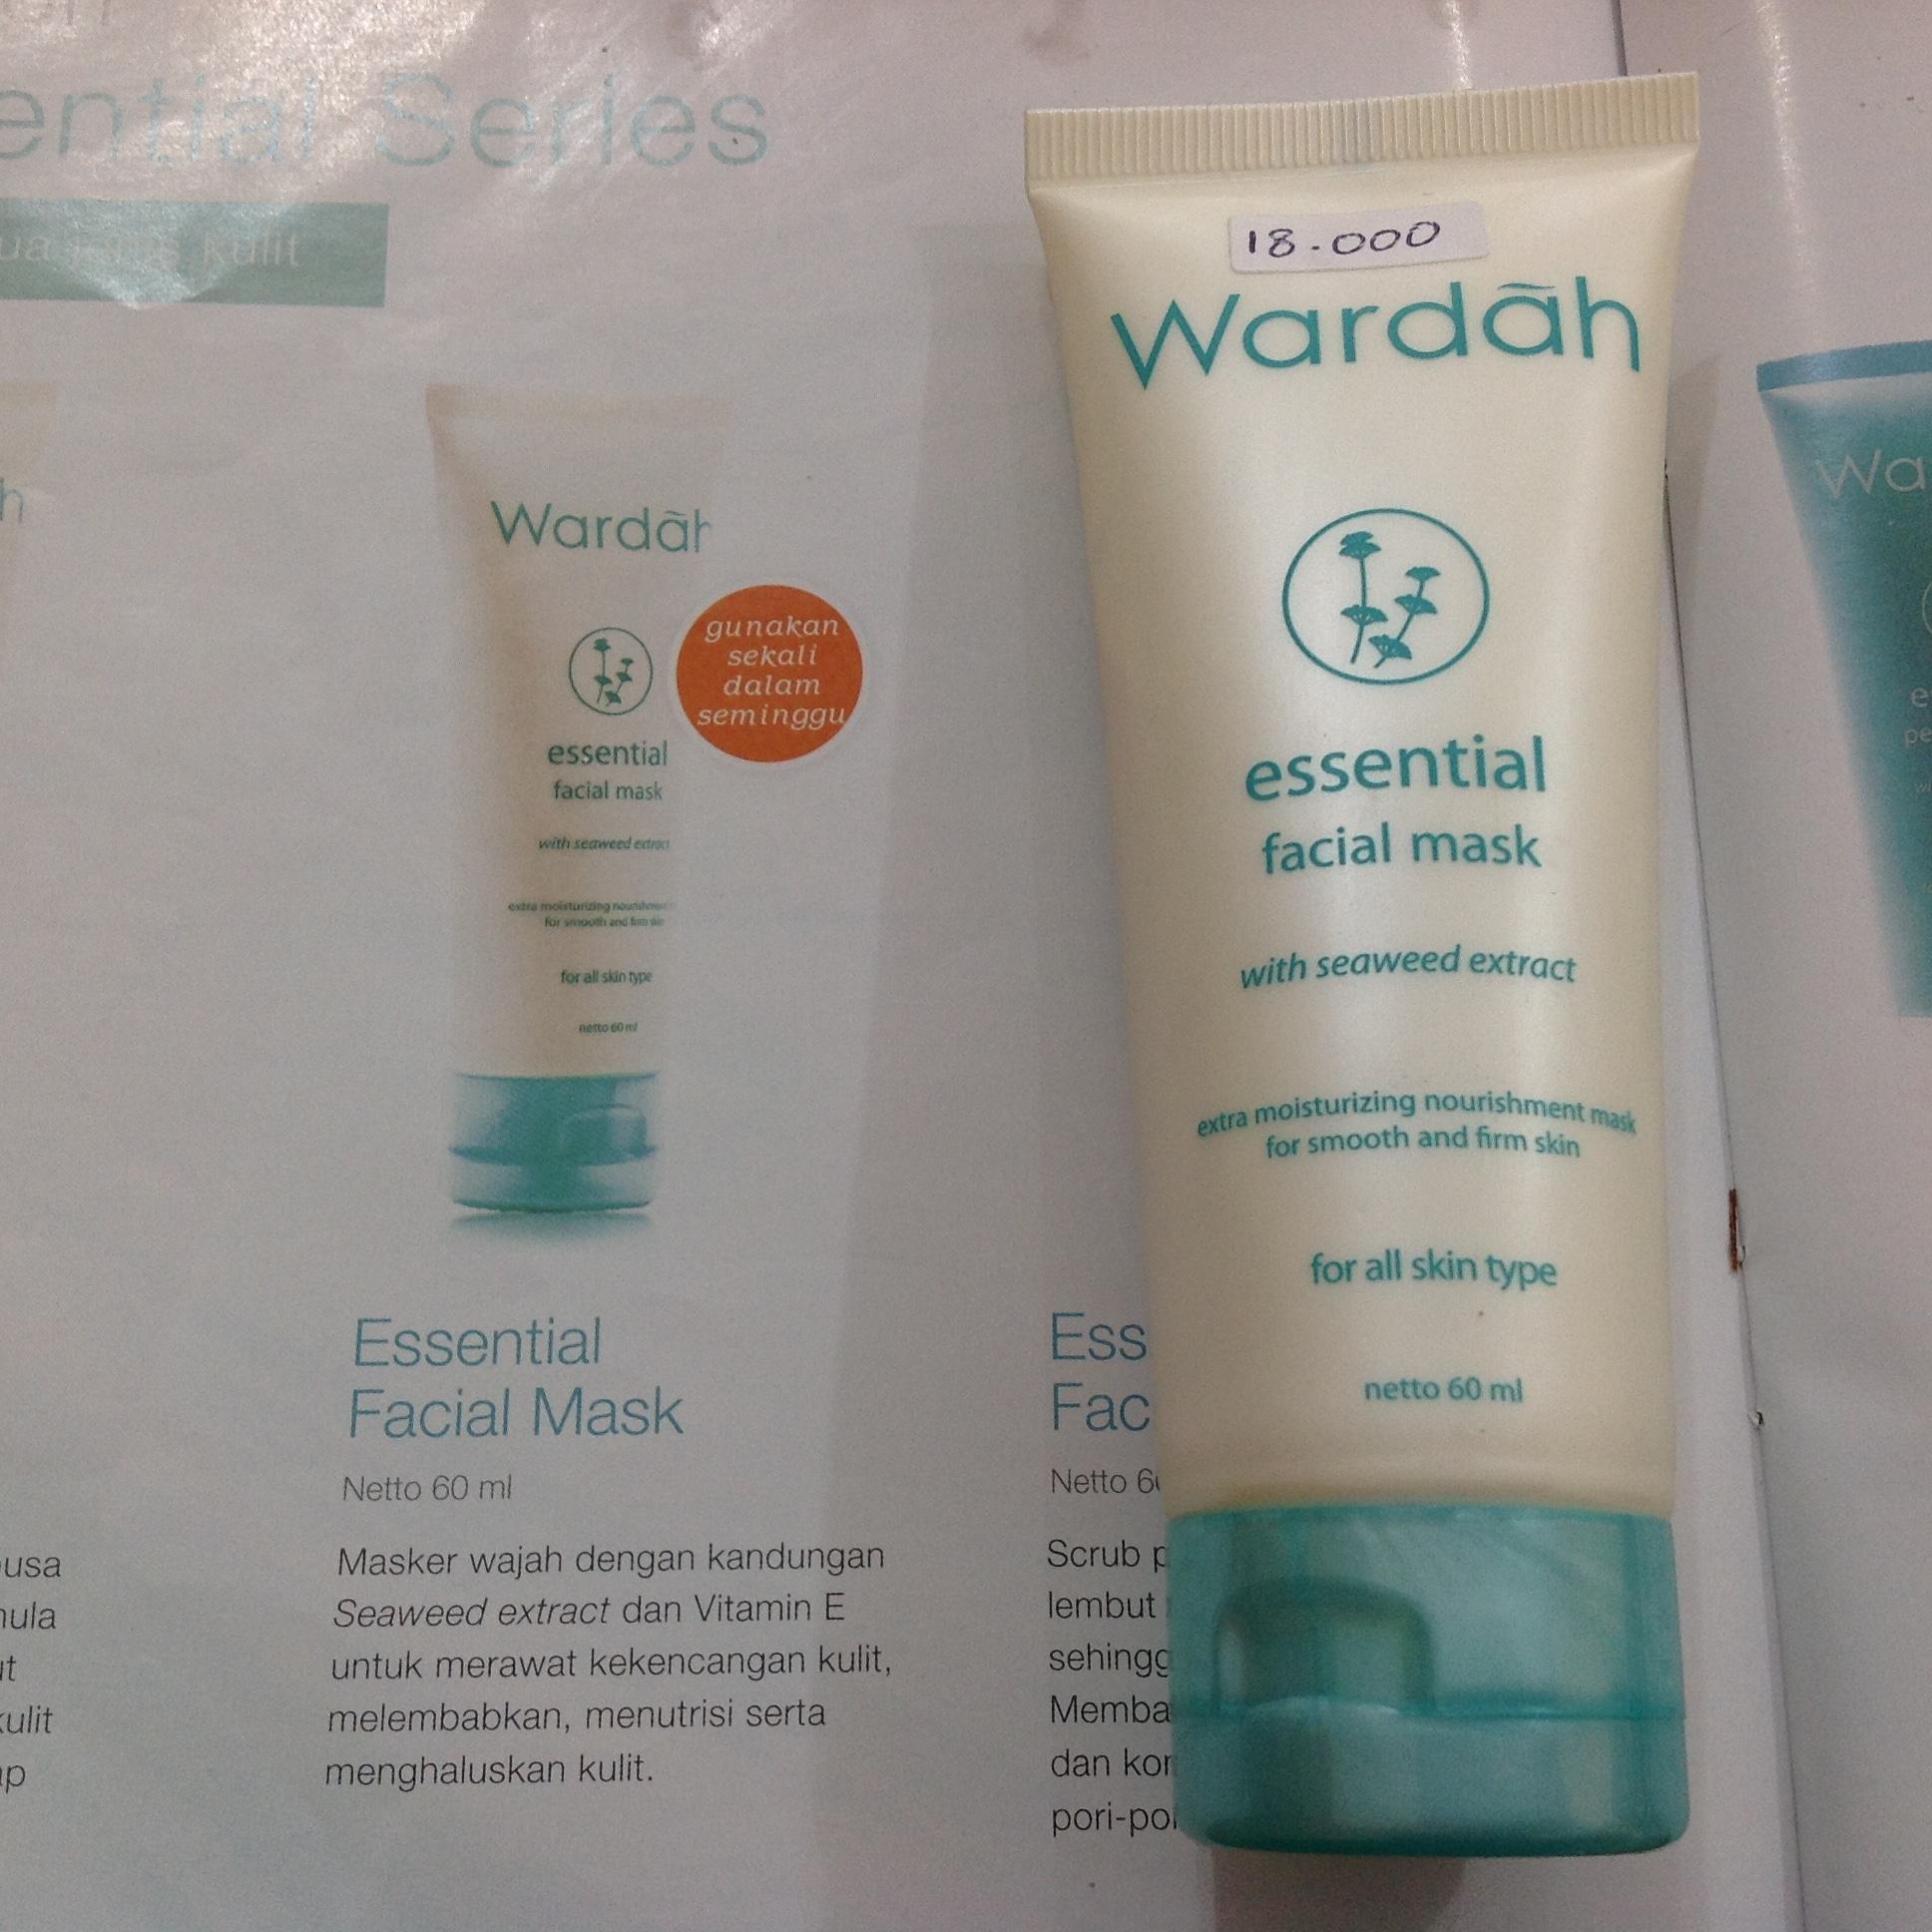 Wardah Essential Facial Scrub 2 Botol Daftar Harga Terlengkap 600 Ml Source Update